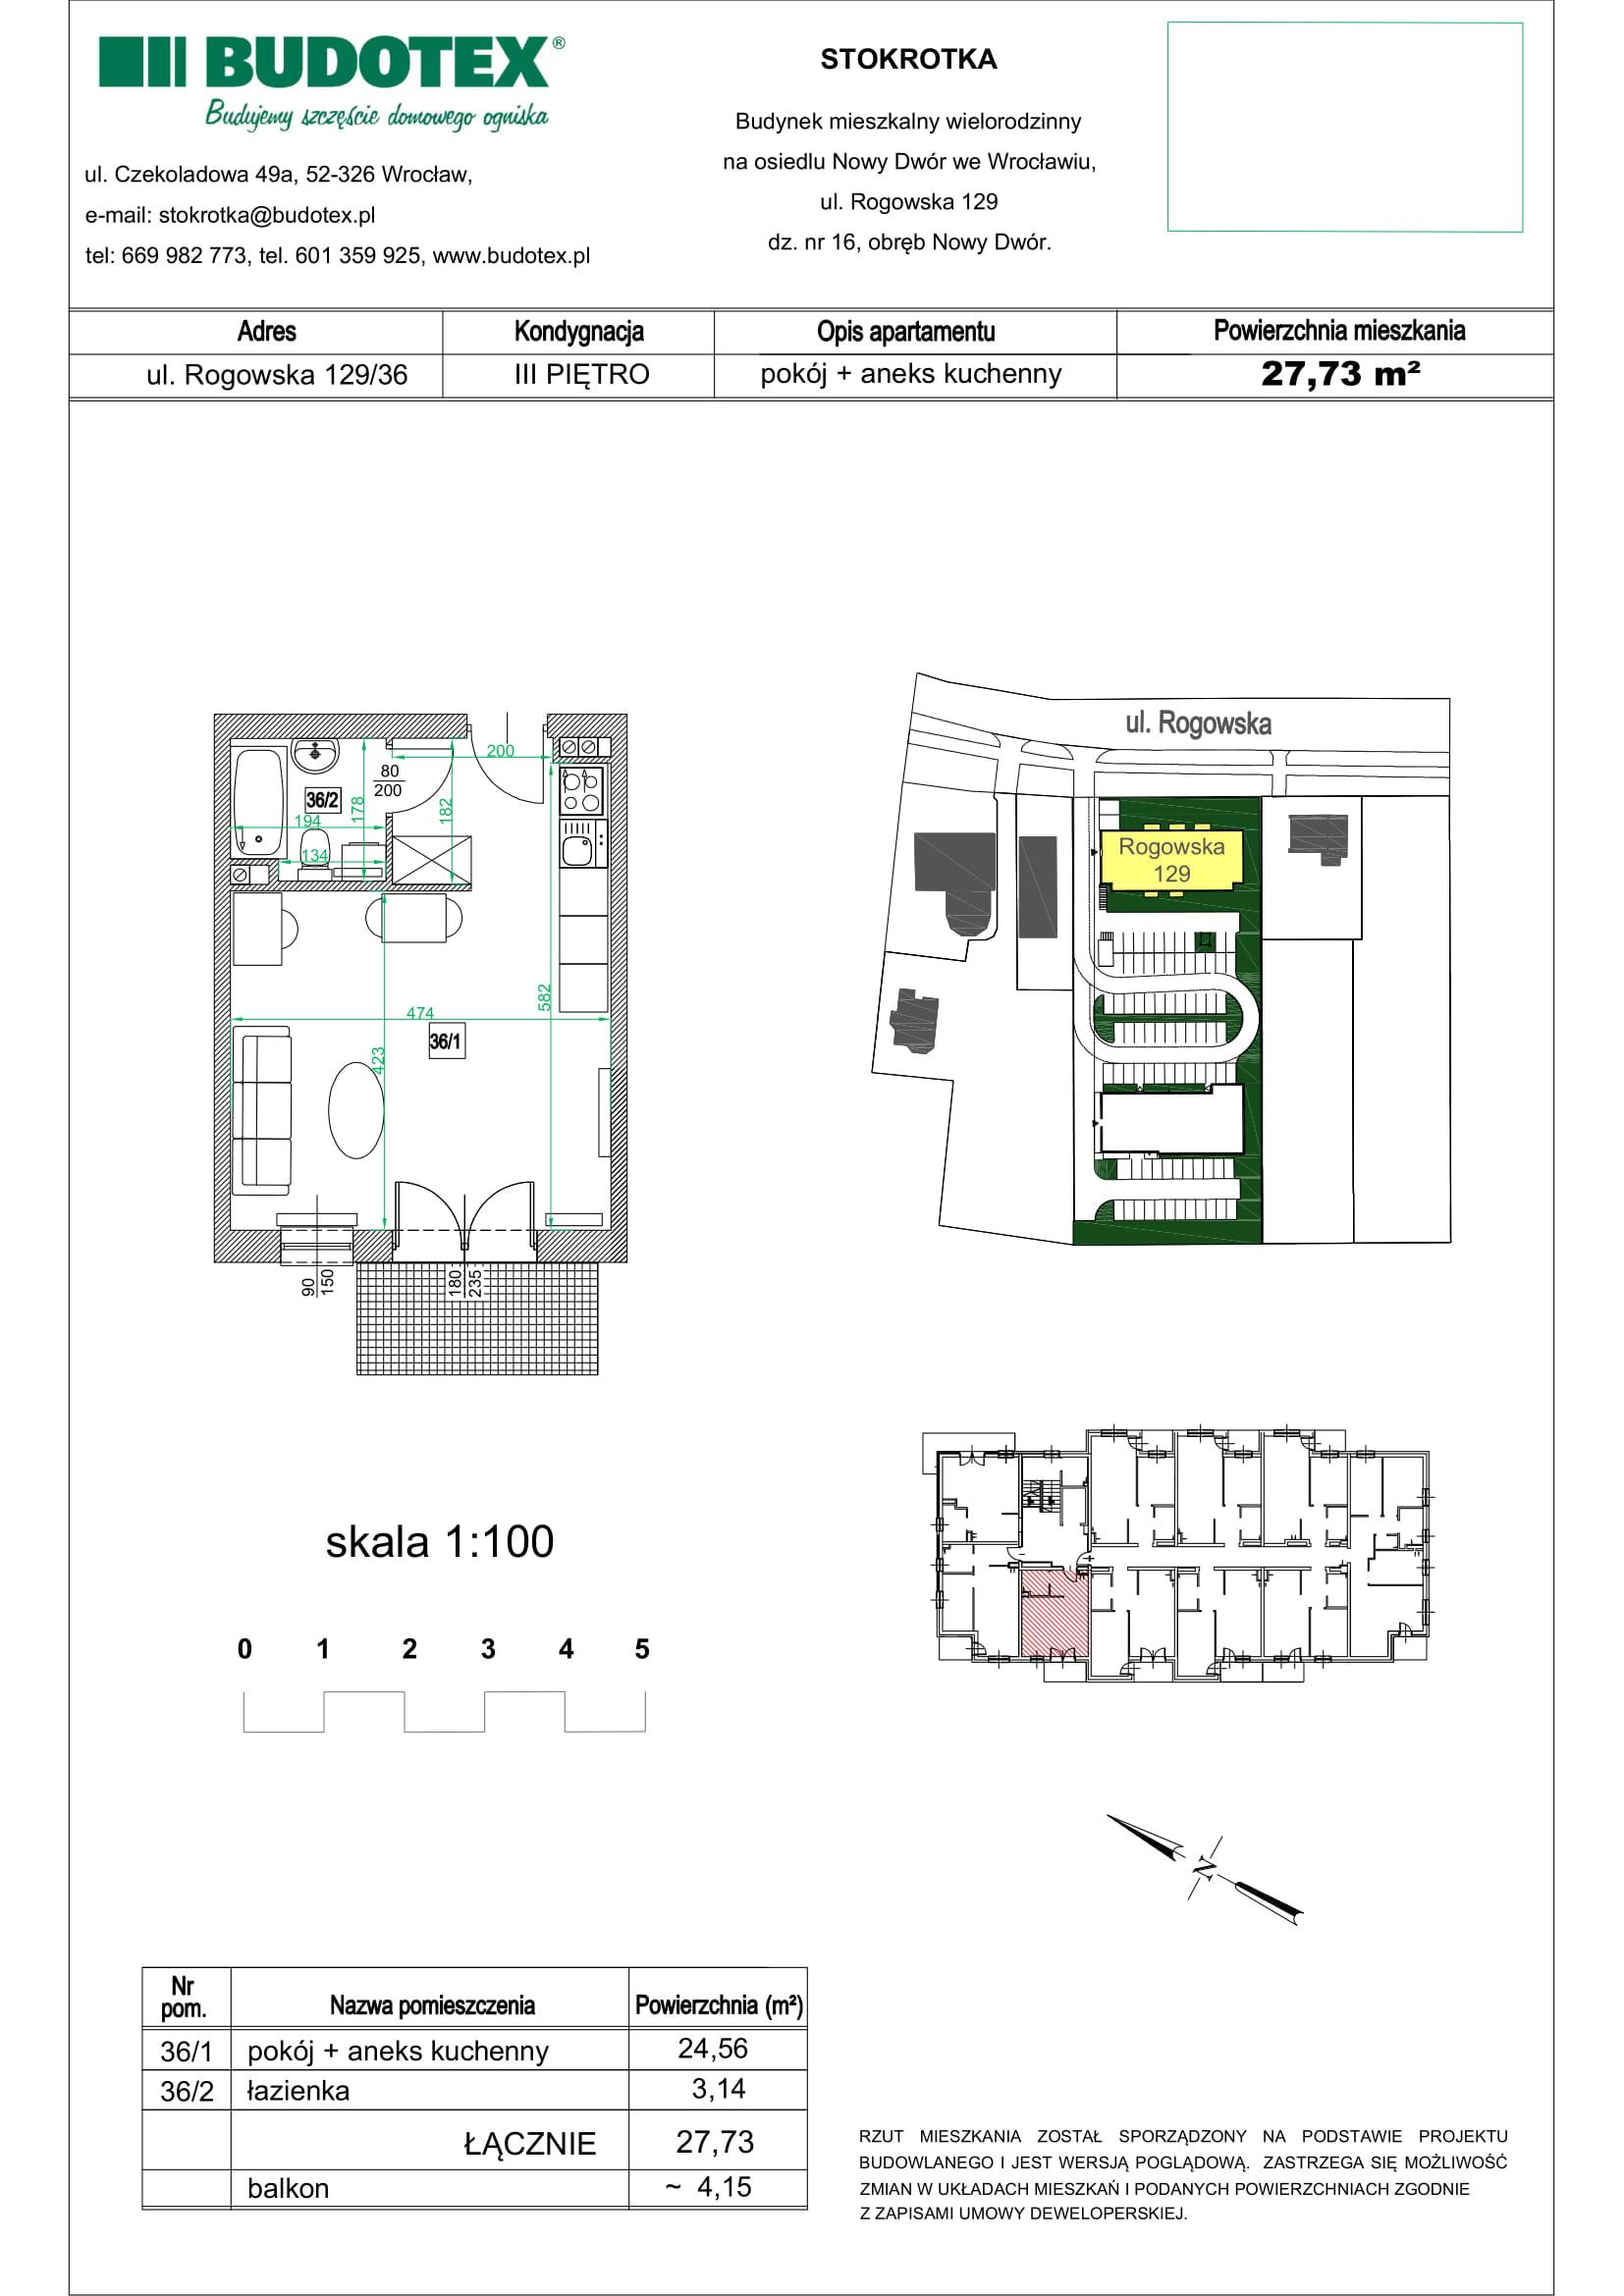 Mieszkanie nr 36